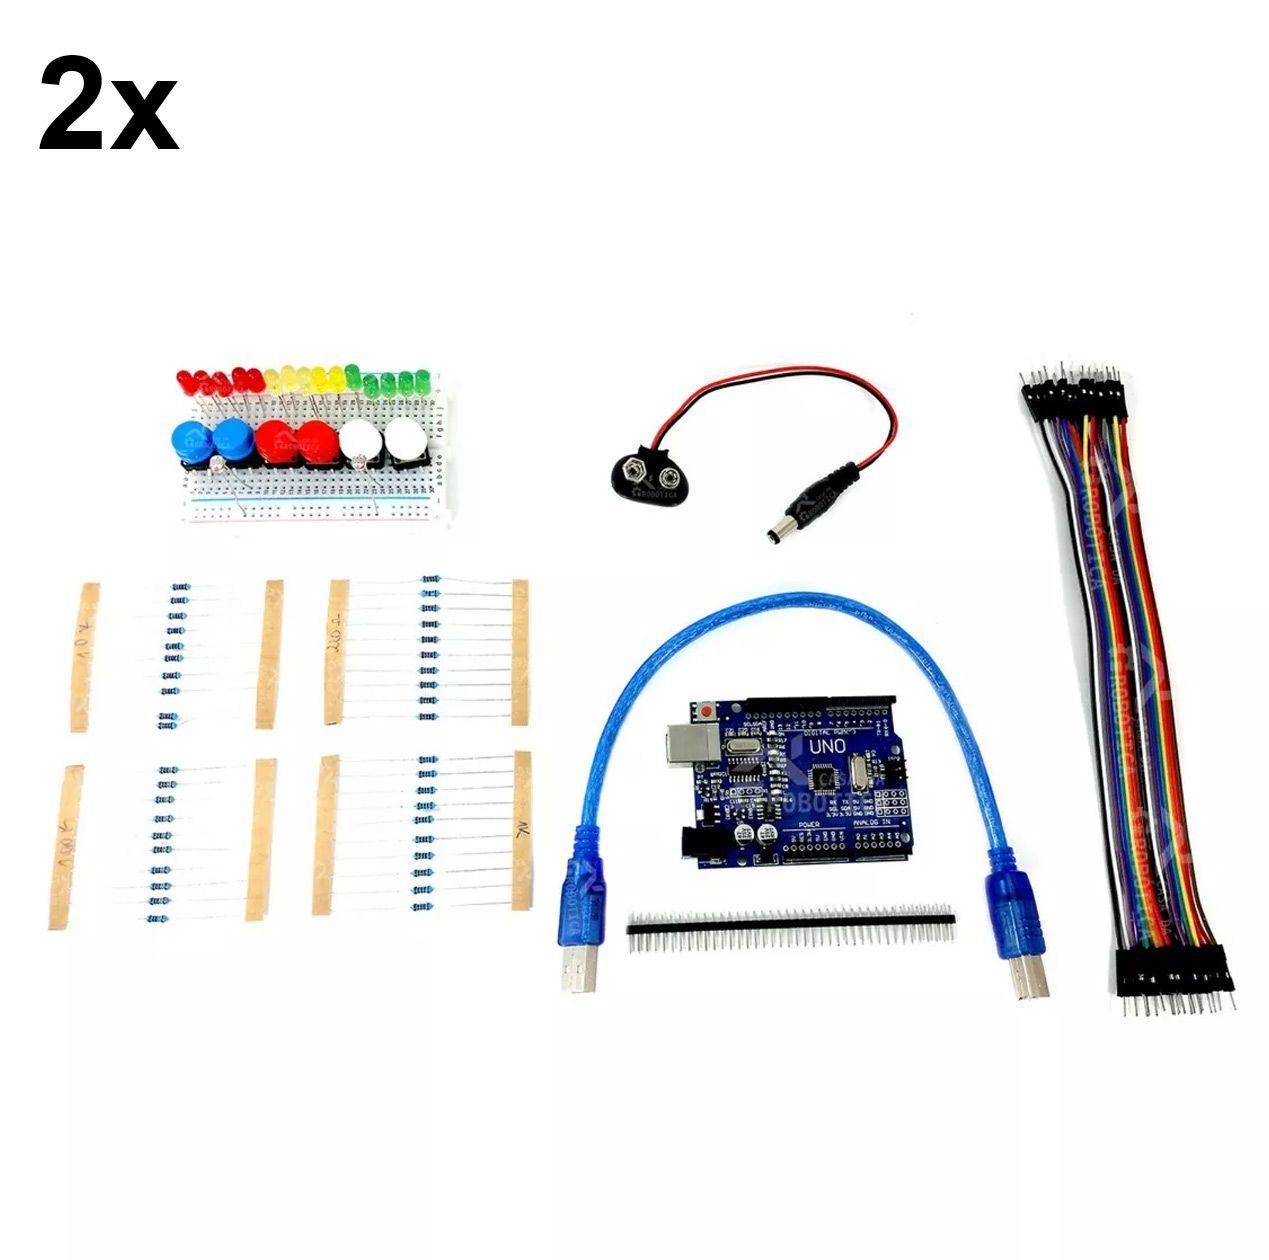 2x Kit Uno SMD R3 para Iniciantes em Arduino